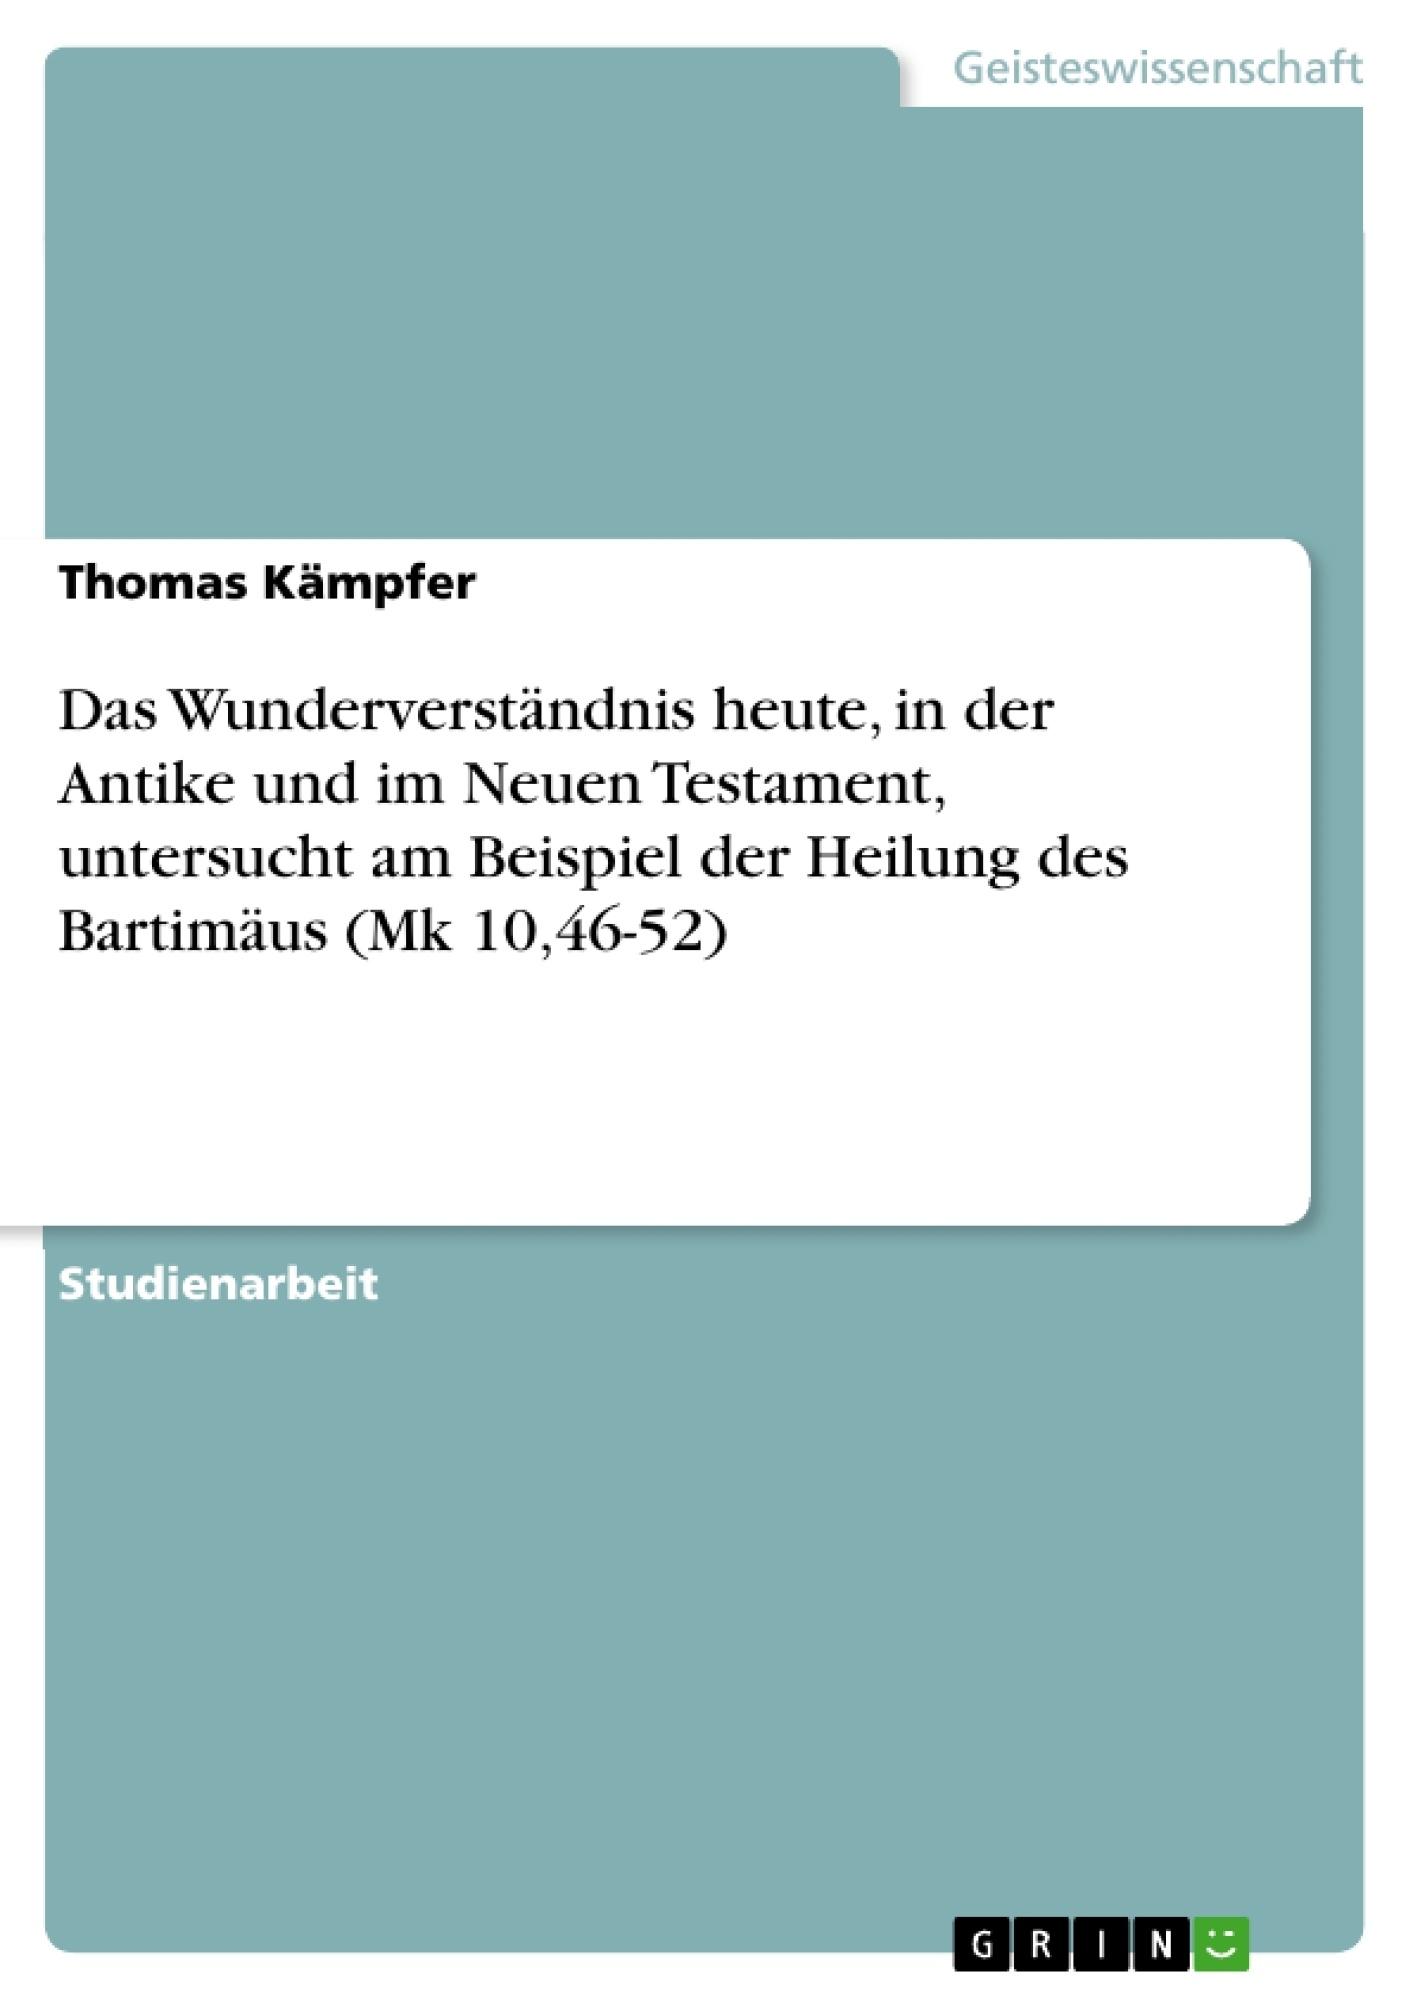 Titel: Das Wunderverständnis heute, in der Antike und im Neuen Testament, untersucht am Beispiel der Heilung des Bartimäus (Mk 10,46-52)